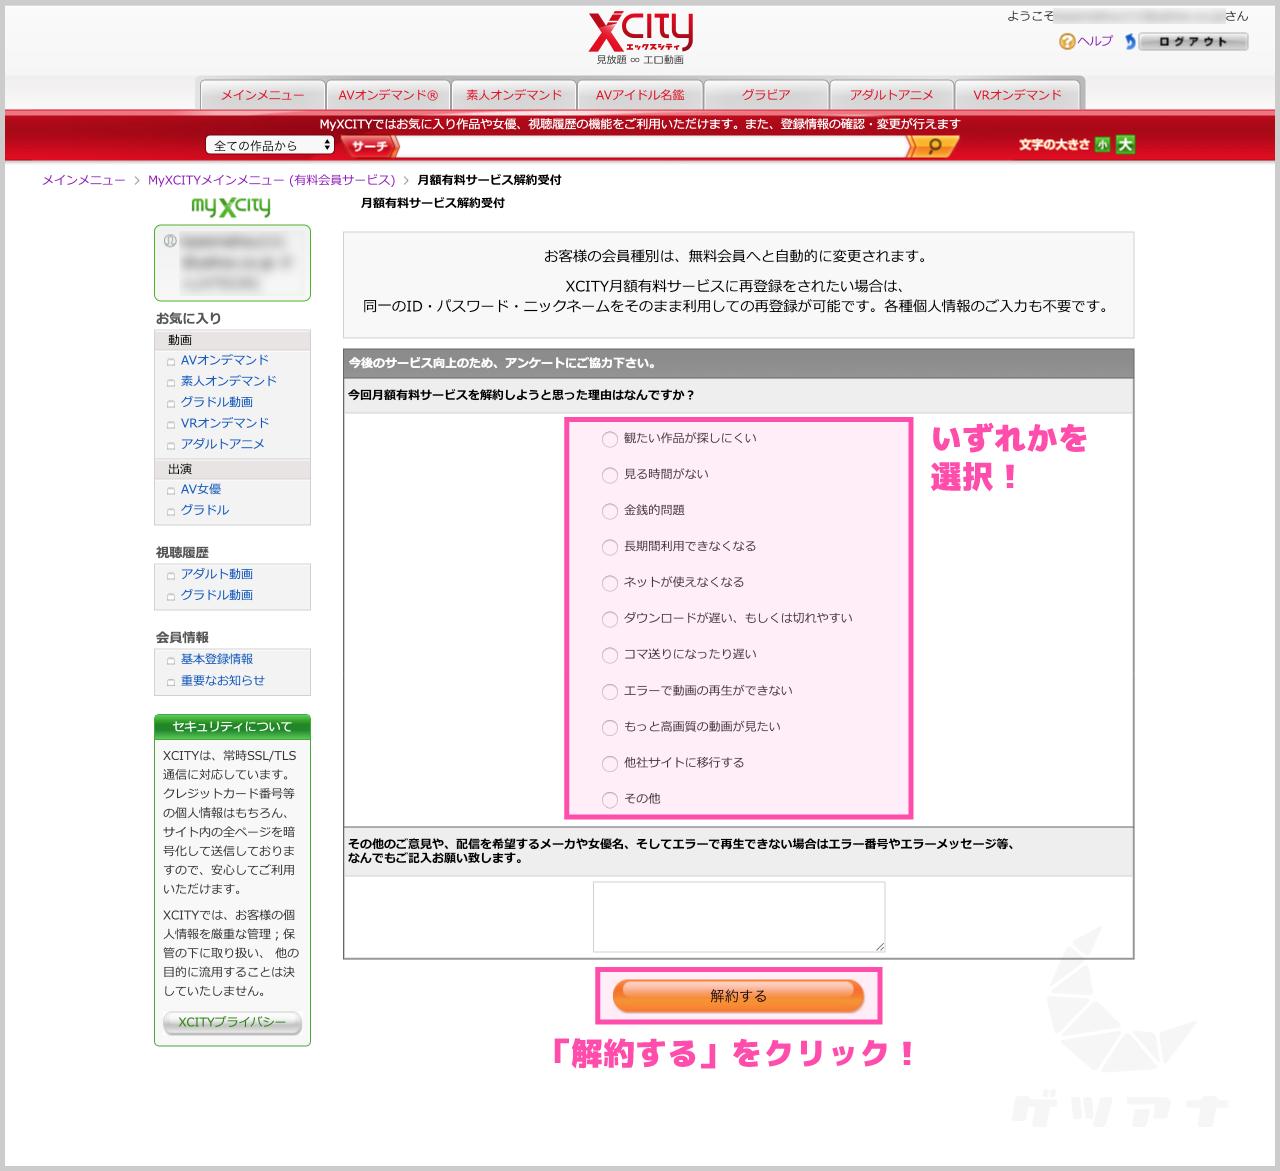 X-city退会08